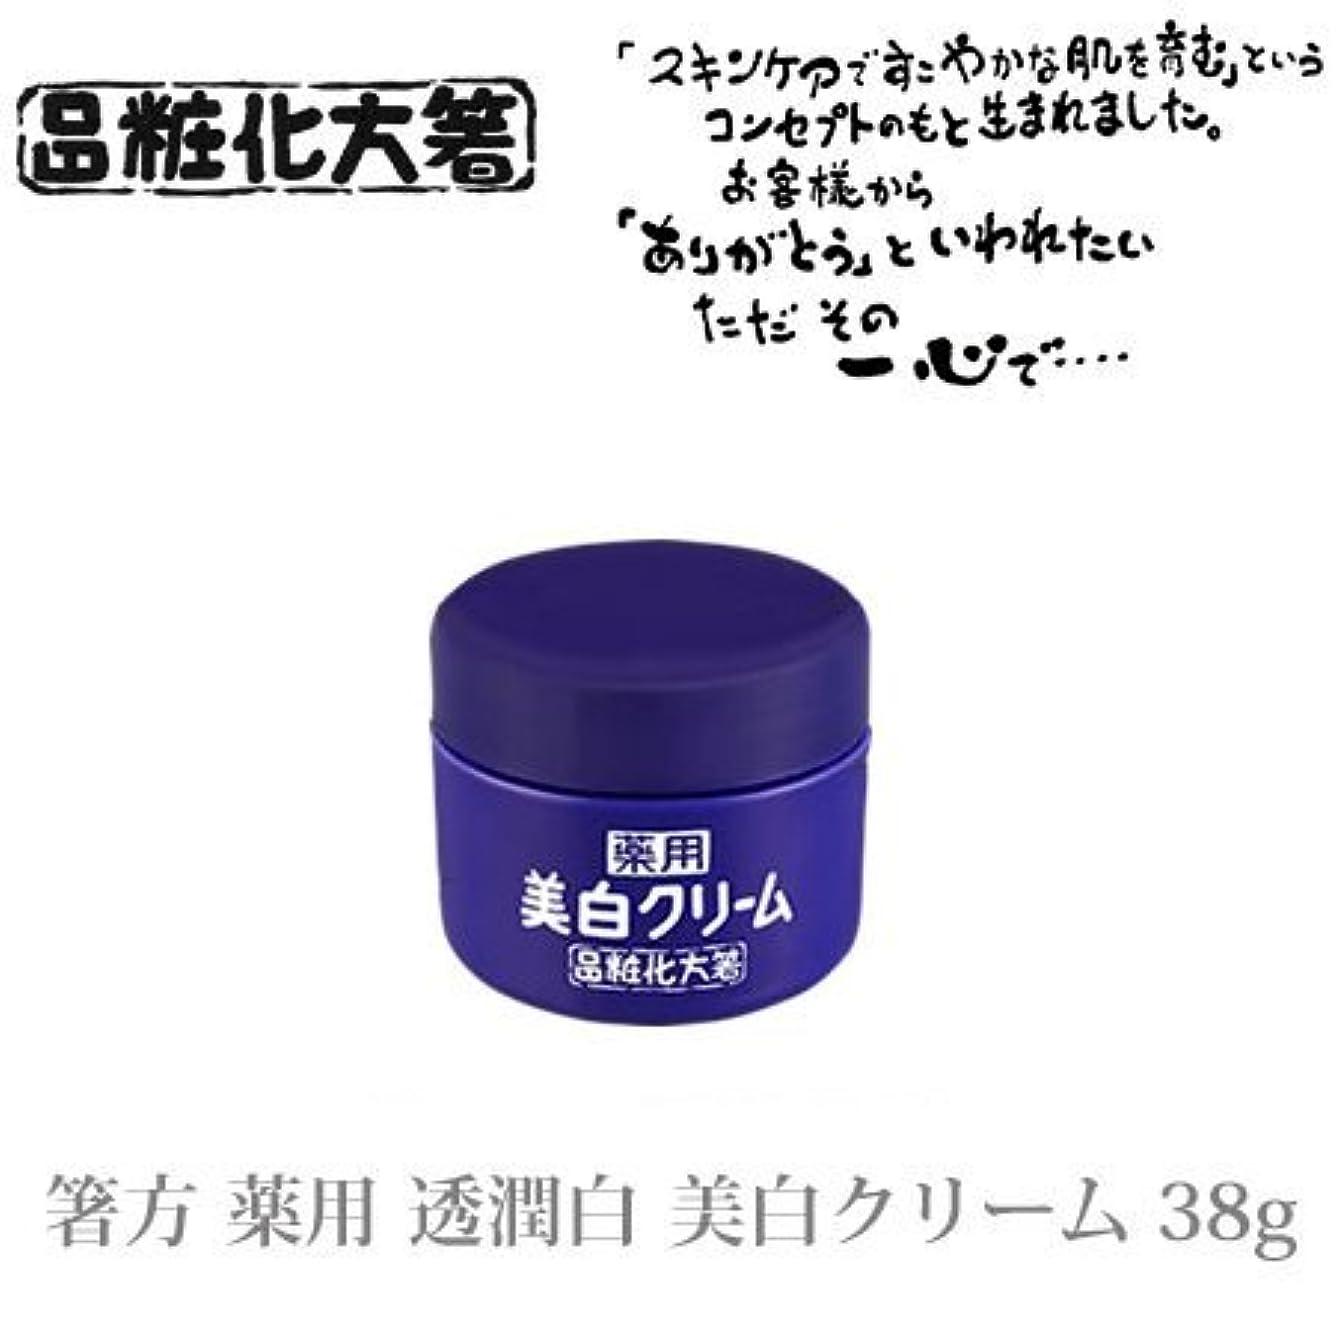 ウッズカートリッジミシン箸方化粧品 薬用 透潤白 美白クリーム 38g はしかた化粧品